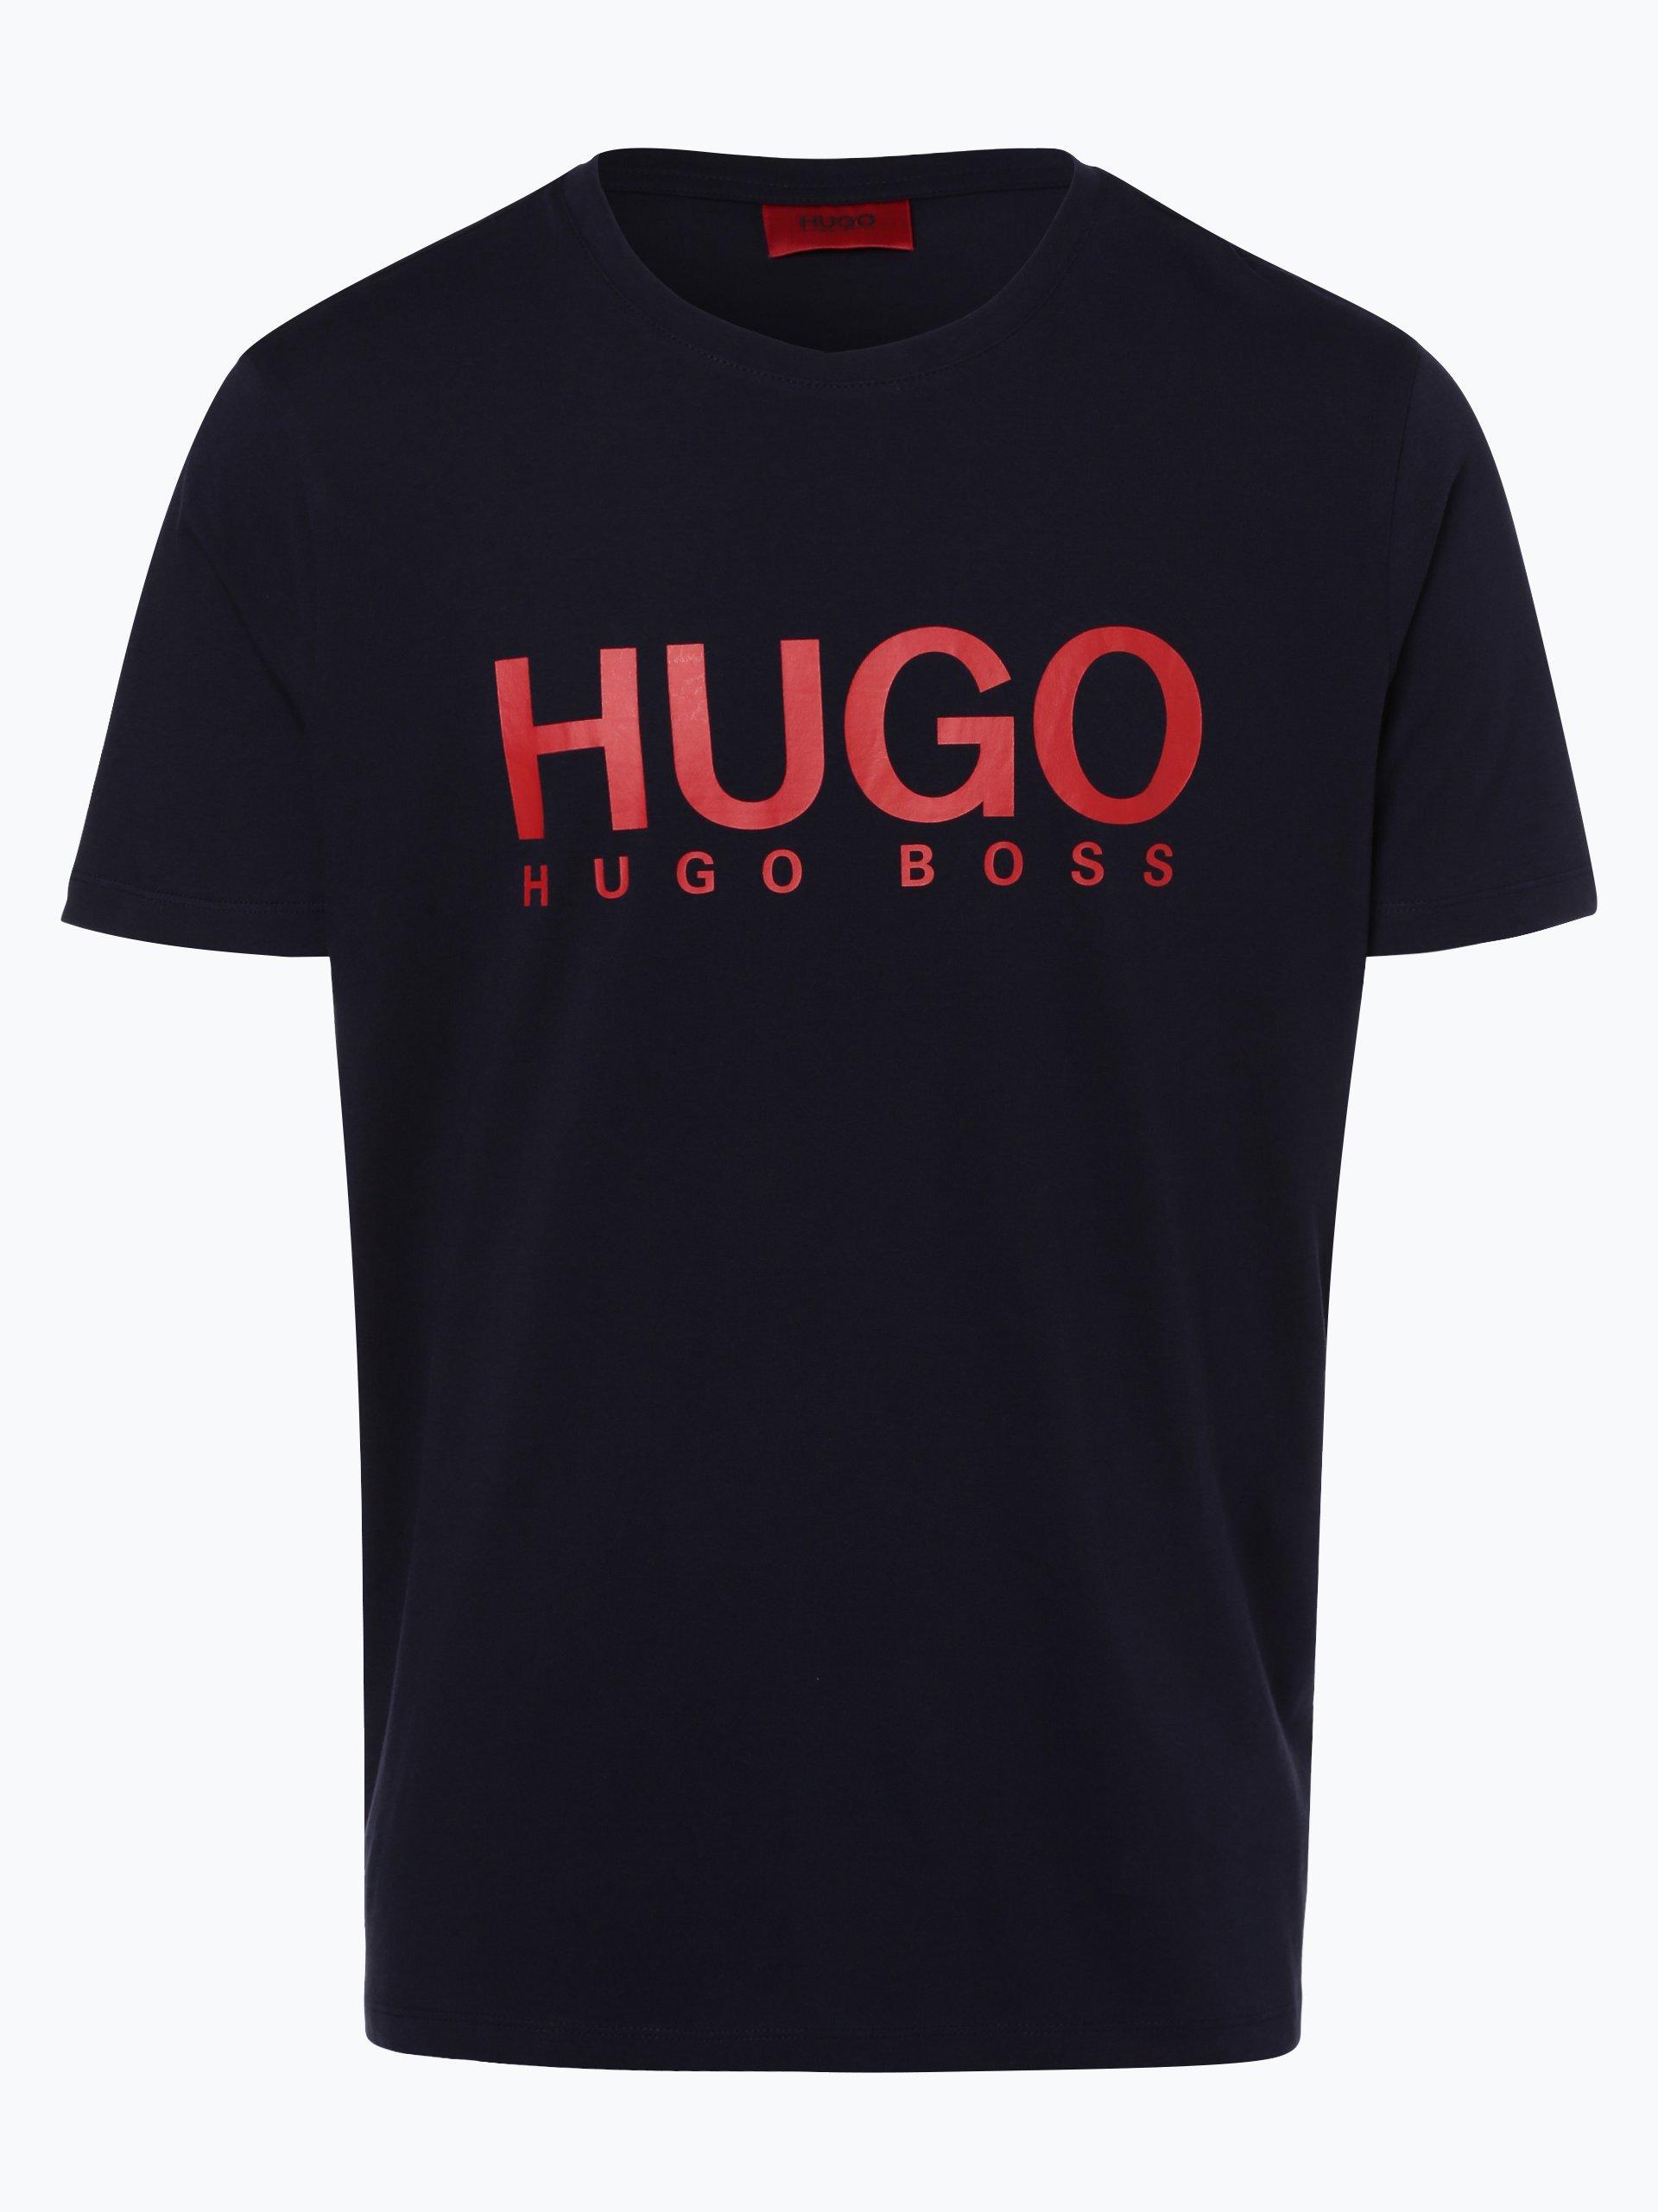 HUGO Herren T-Shirt - Dolive